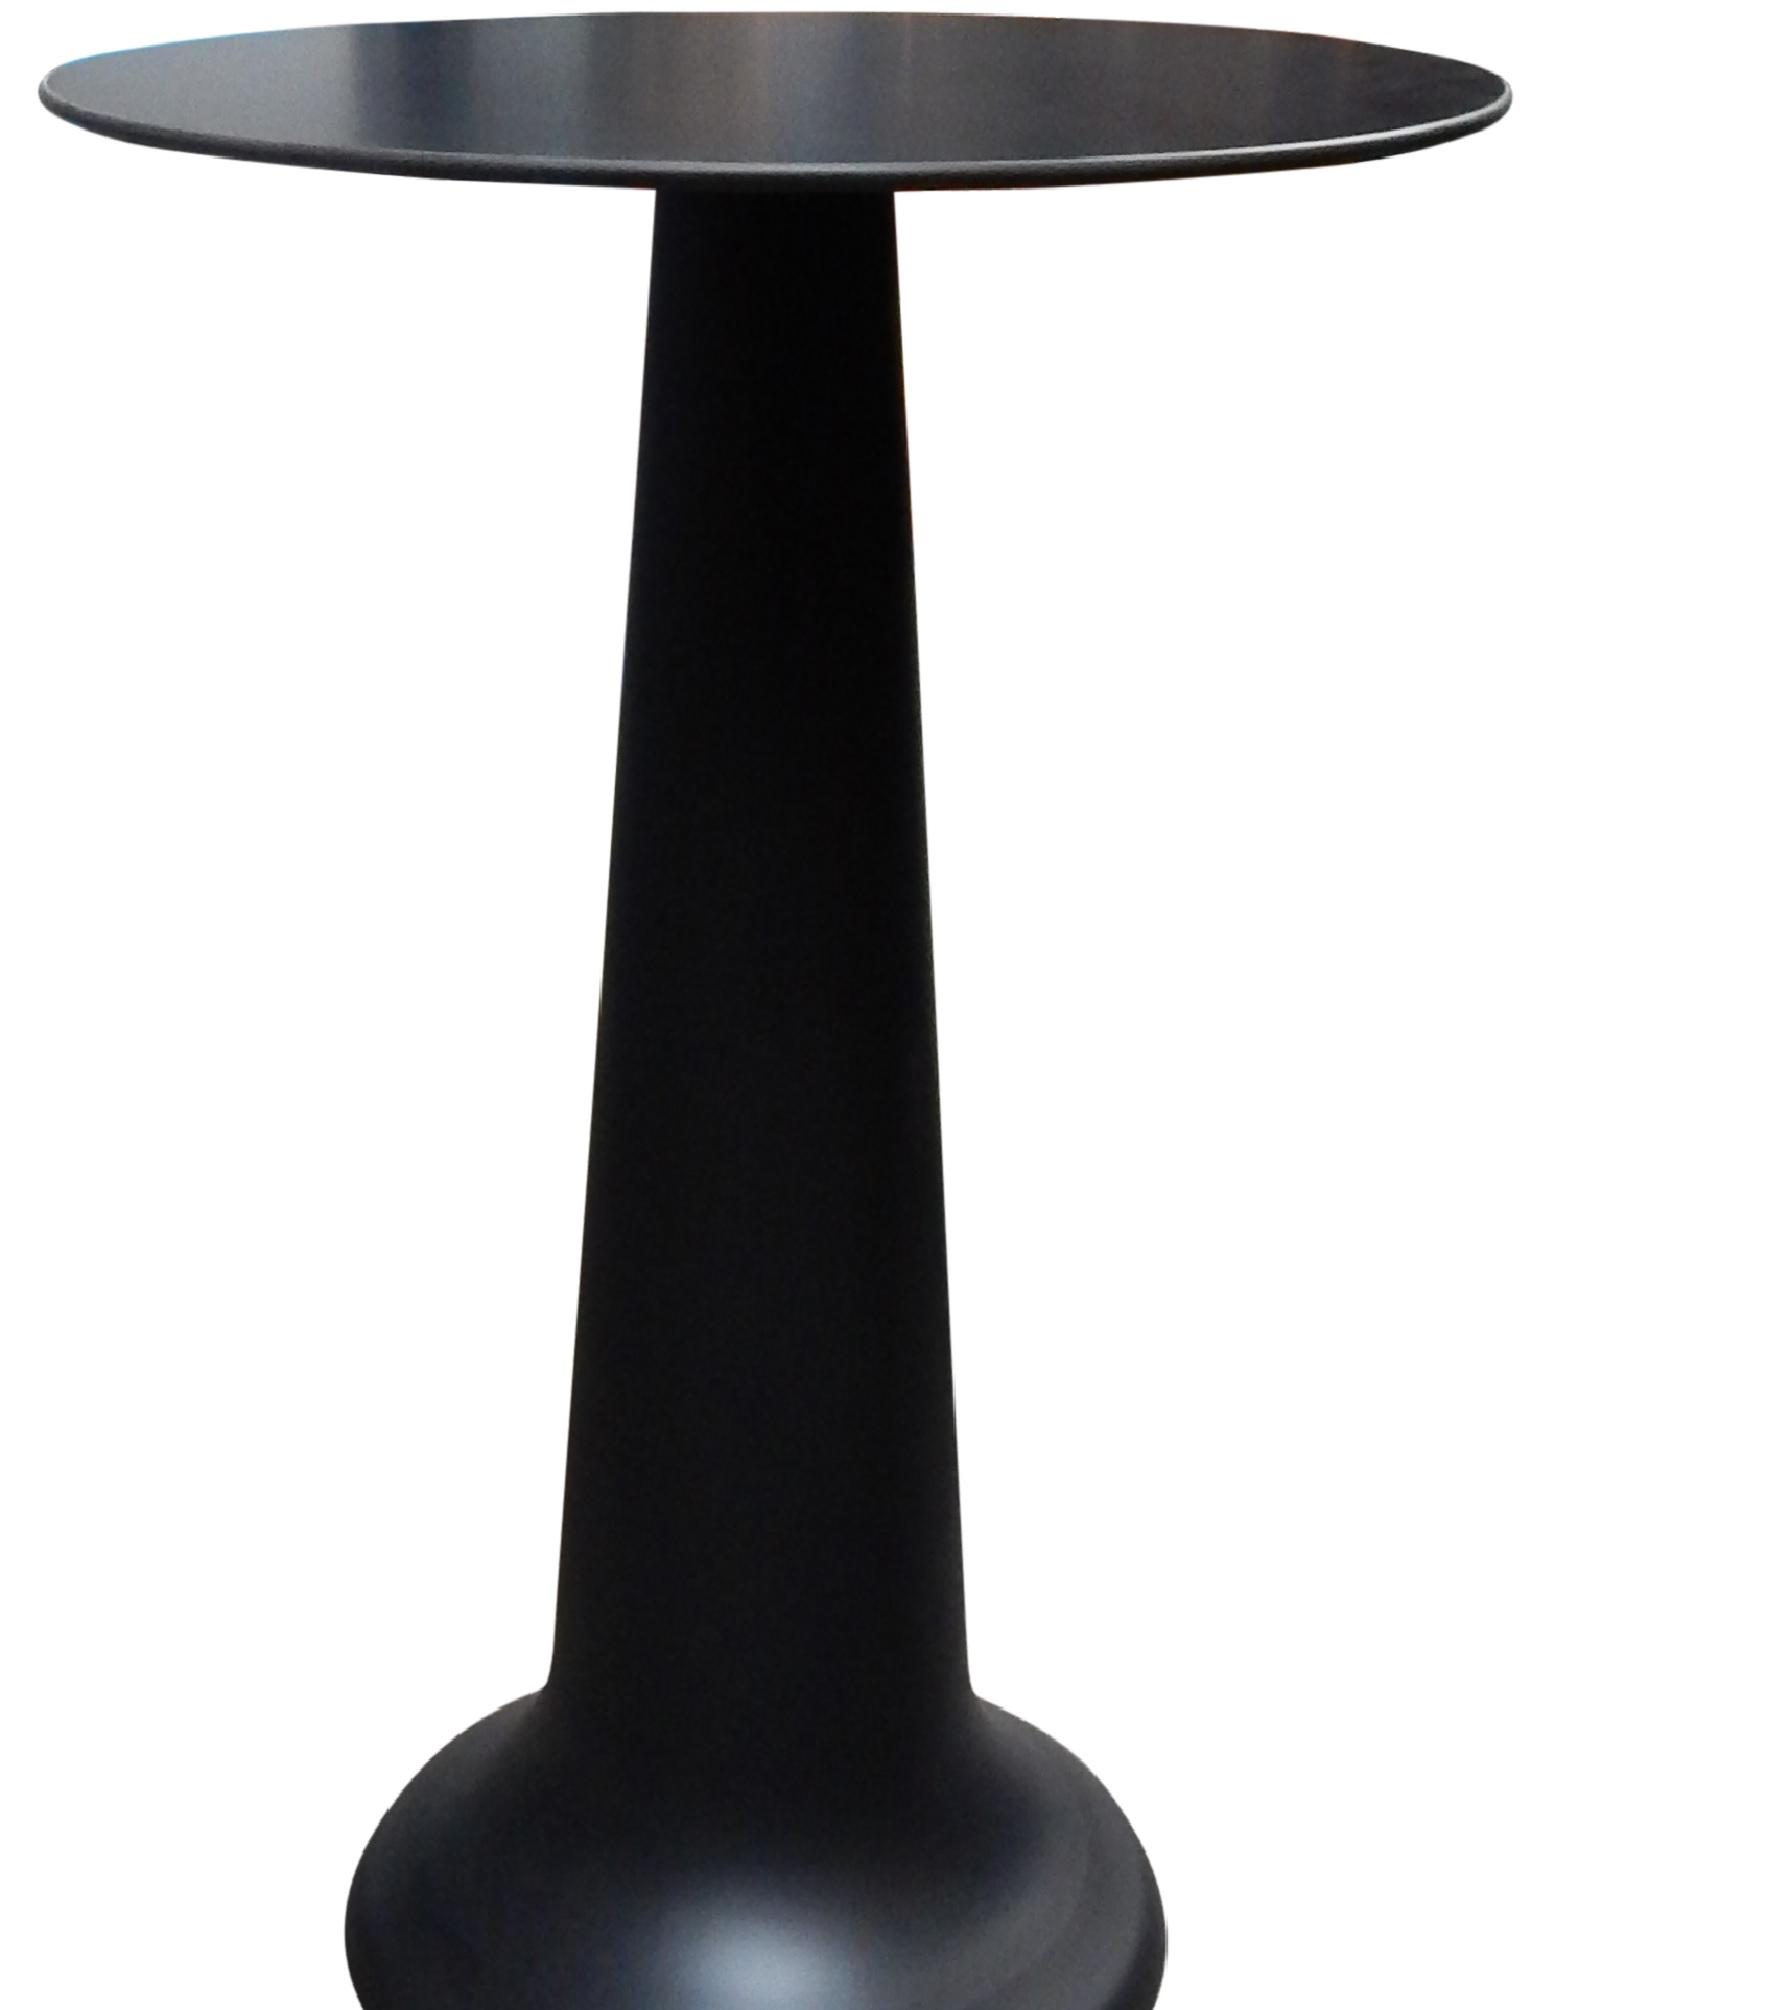 Vase Sta tafel zwart